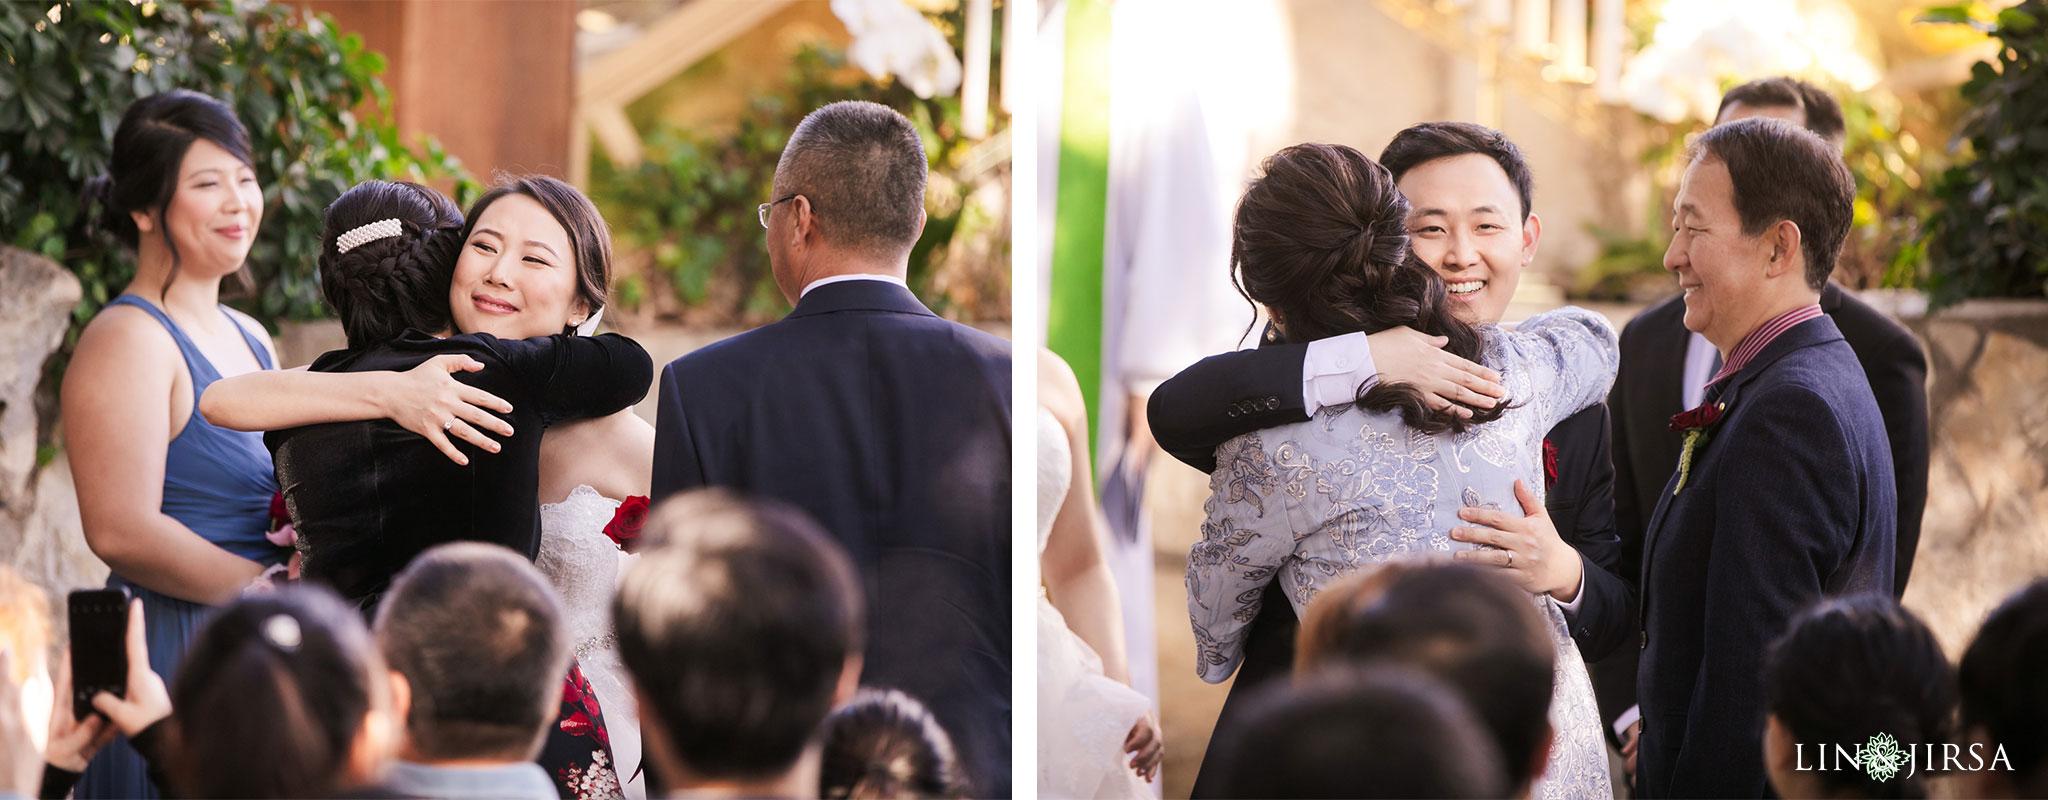 16 Wayfarers Chapel Wedding Ceremony Photography